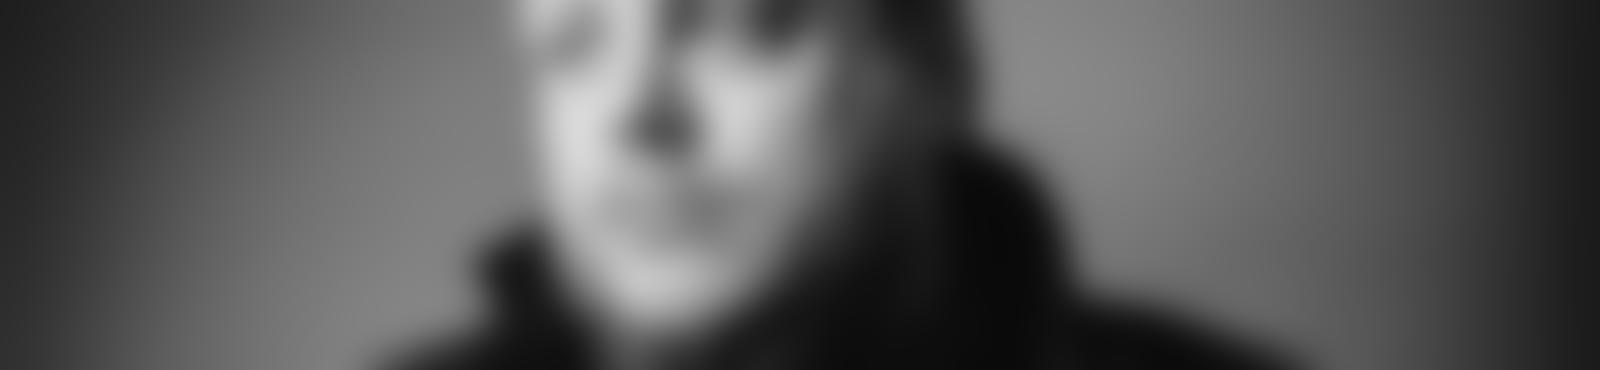 Blurred c2cd10ea 6aab 45e1 97d9 709b80c3b46a